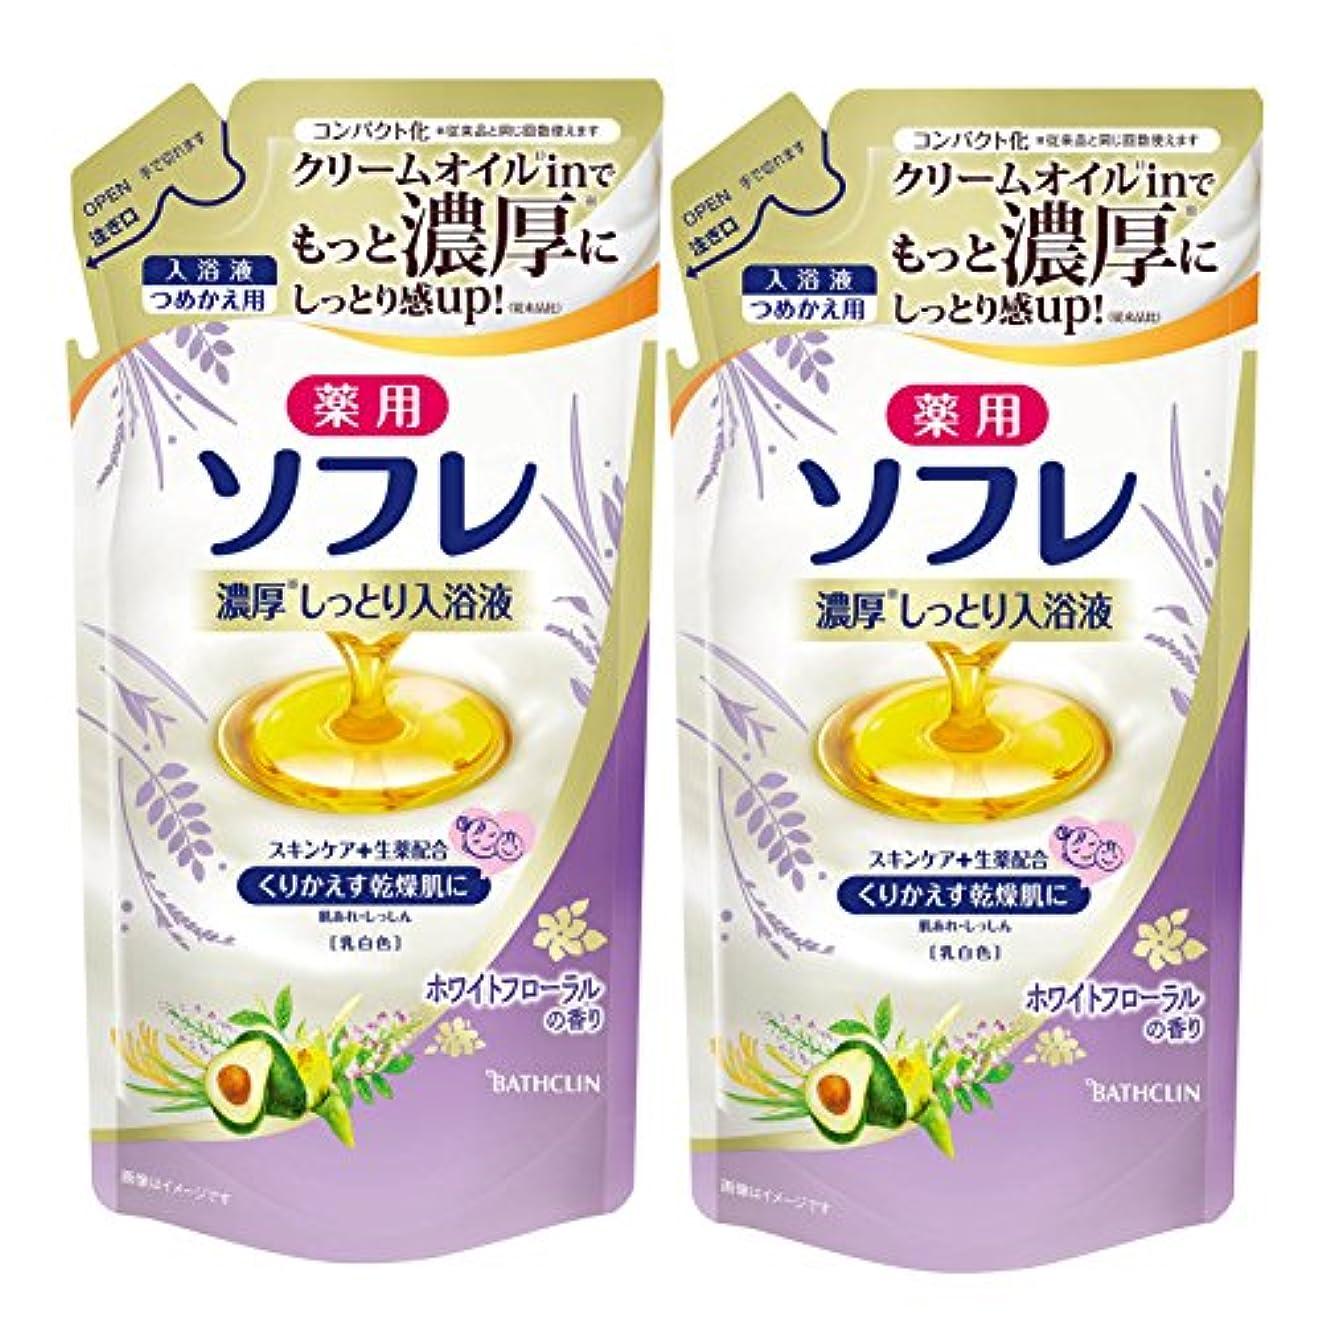 オペレーター等々事前【セット品】薬用ソフレ 濃厚しっとり入浴液 ホワイトフローラルの香り つめかえ用 400mL (医薬部外品) 2個セット